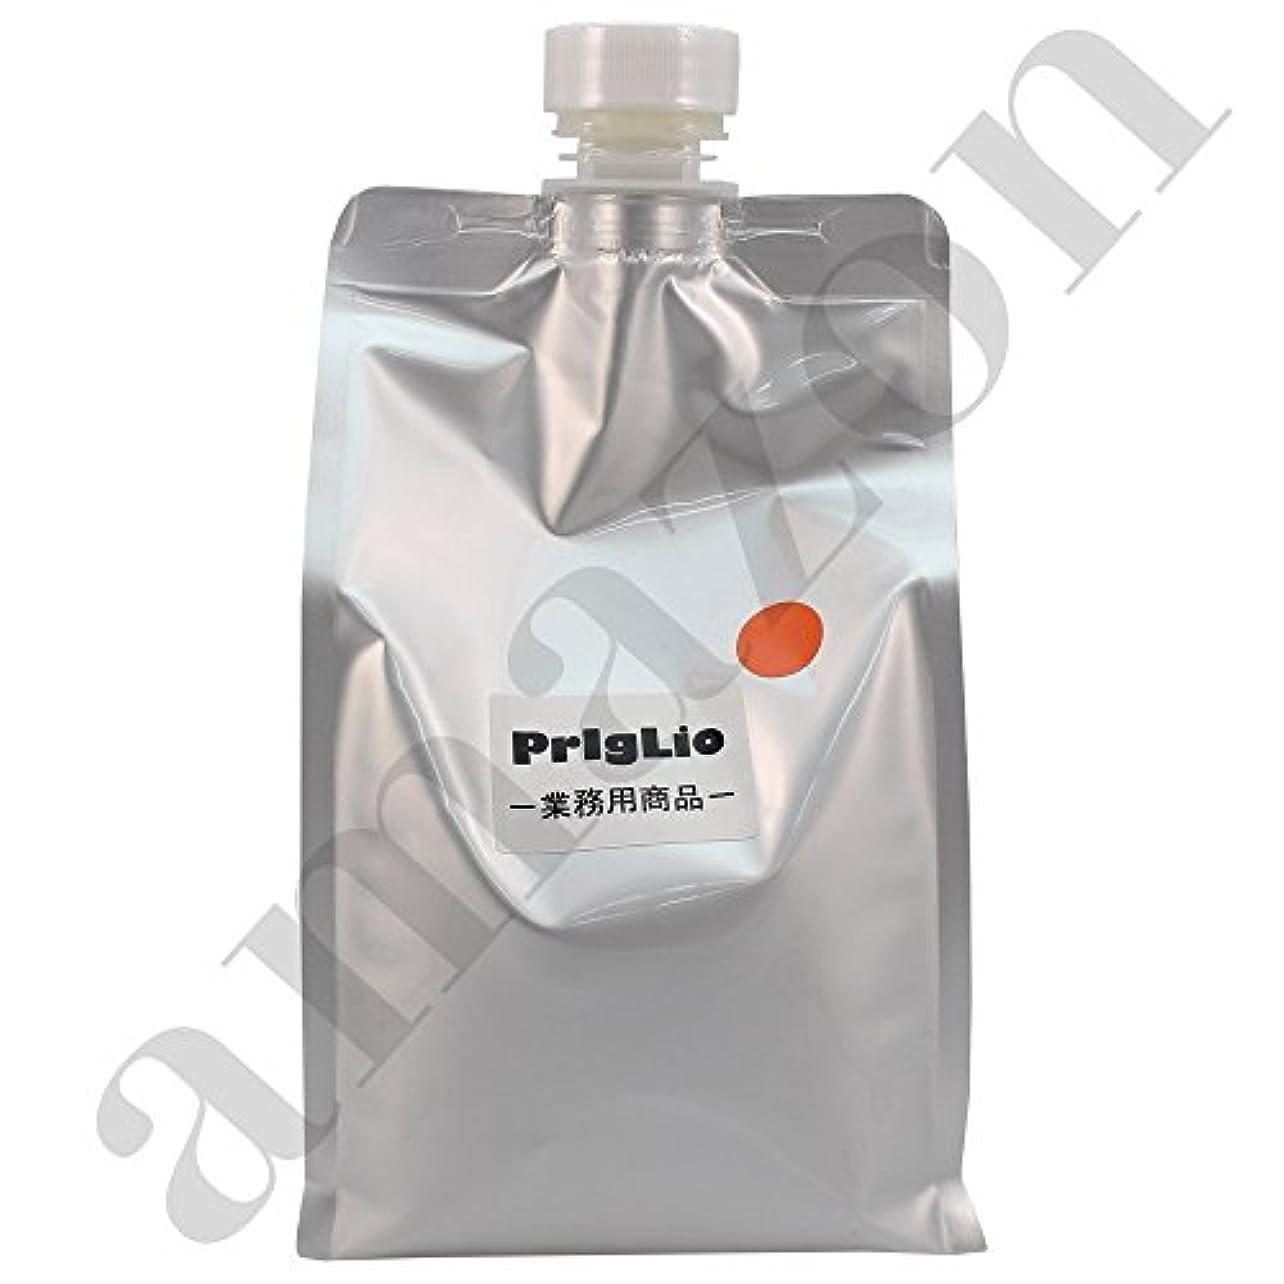 よろめく同情所属PrigLio(プリグリオ) D オレンジシャンプー 900ml